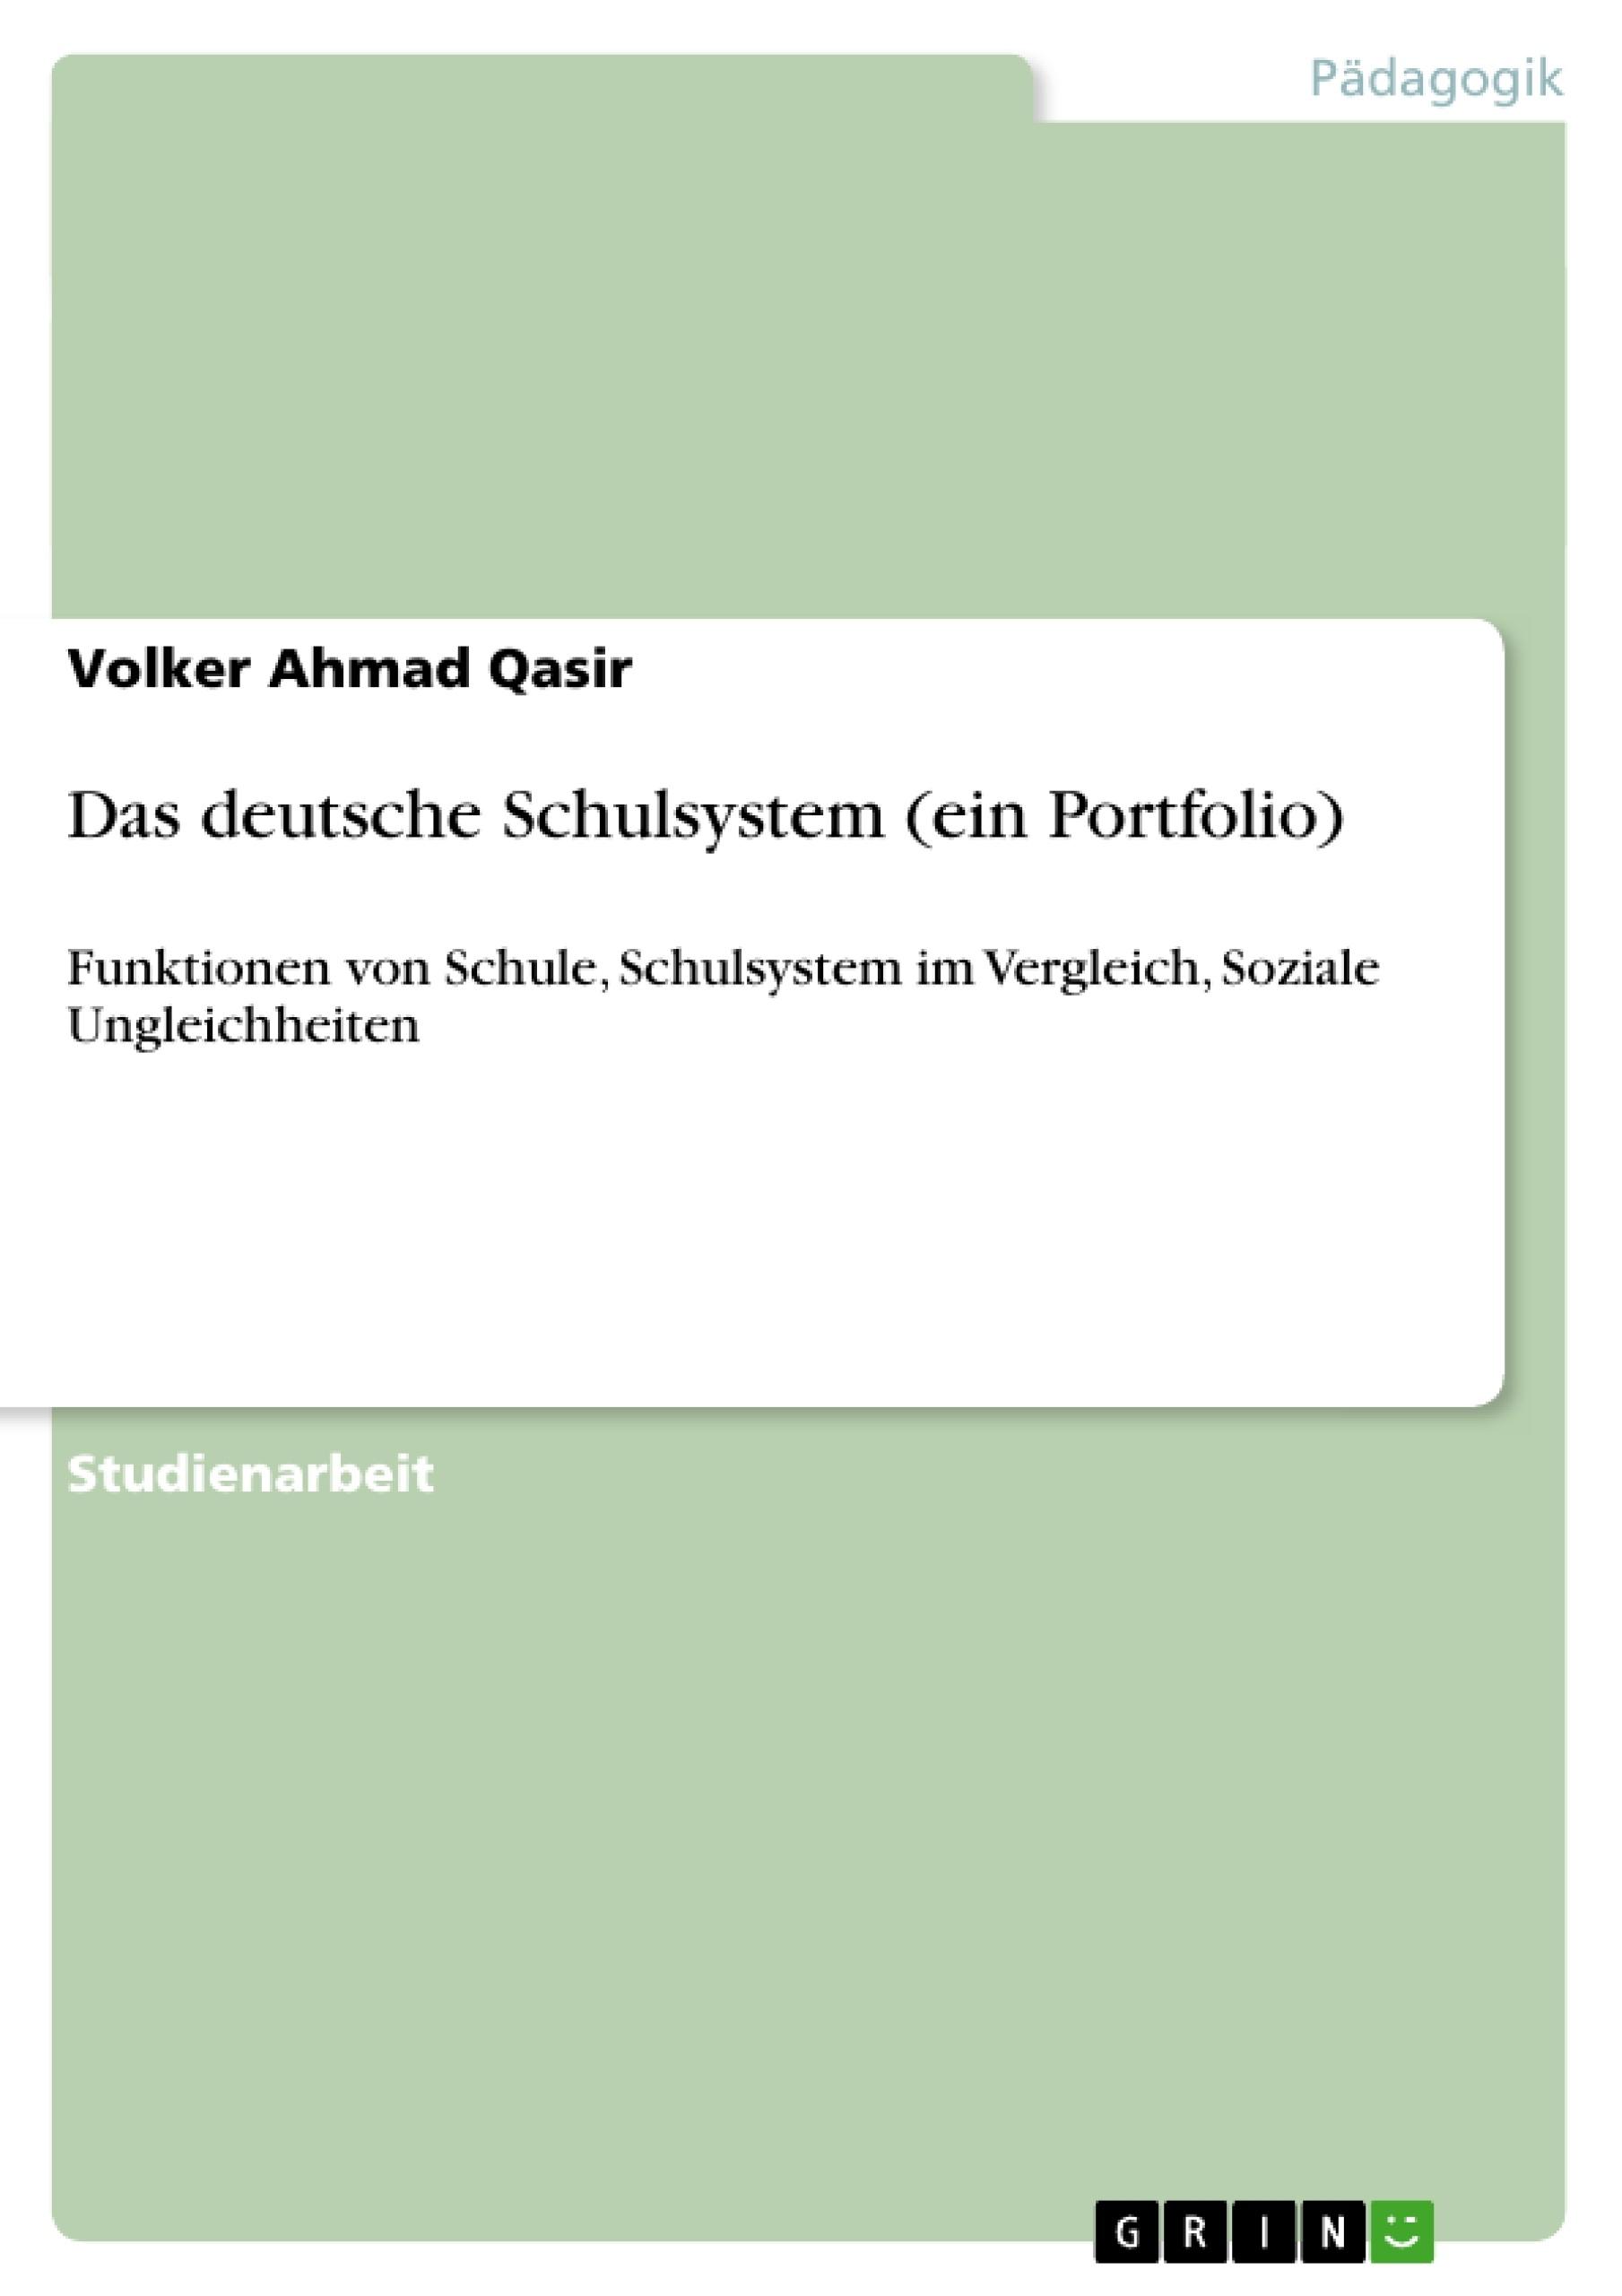 Titel: Portfolio über das deutsche Schulsystem. Funktionen von Schule, Schulsystem im Vergleich und soziale Ungleichheiten